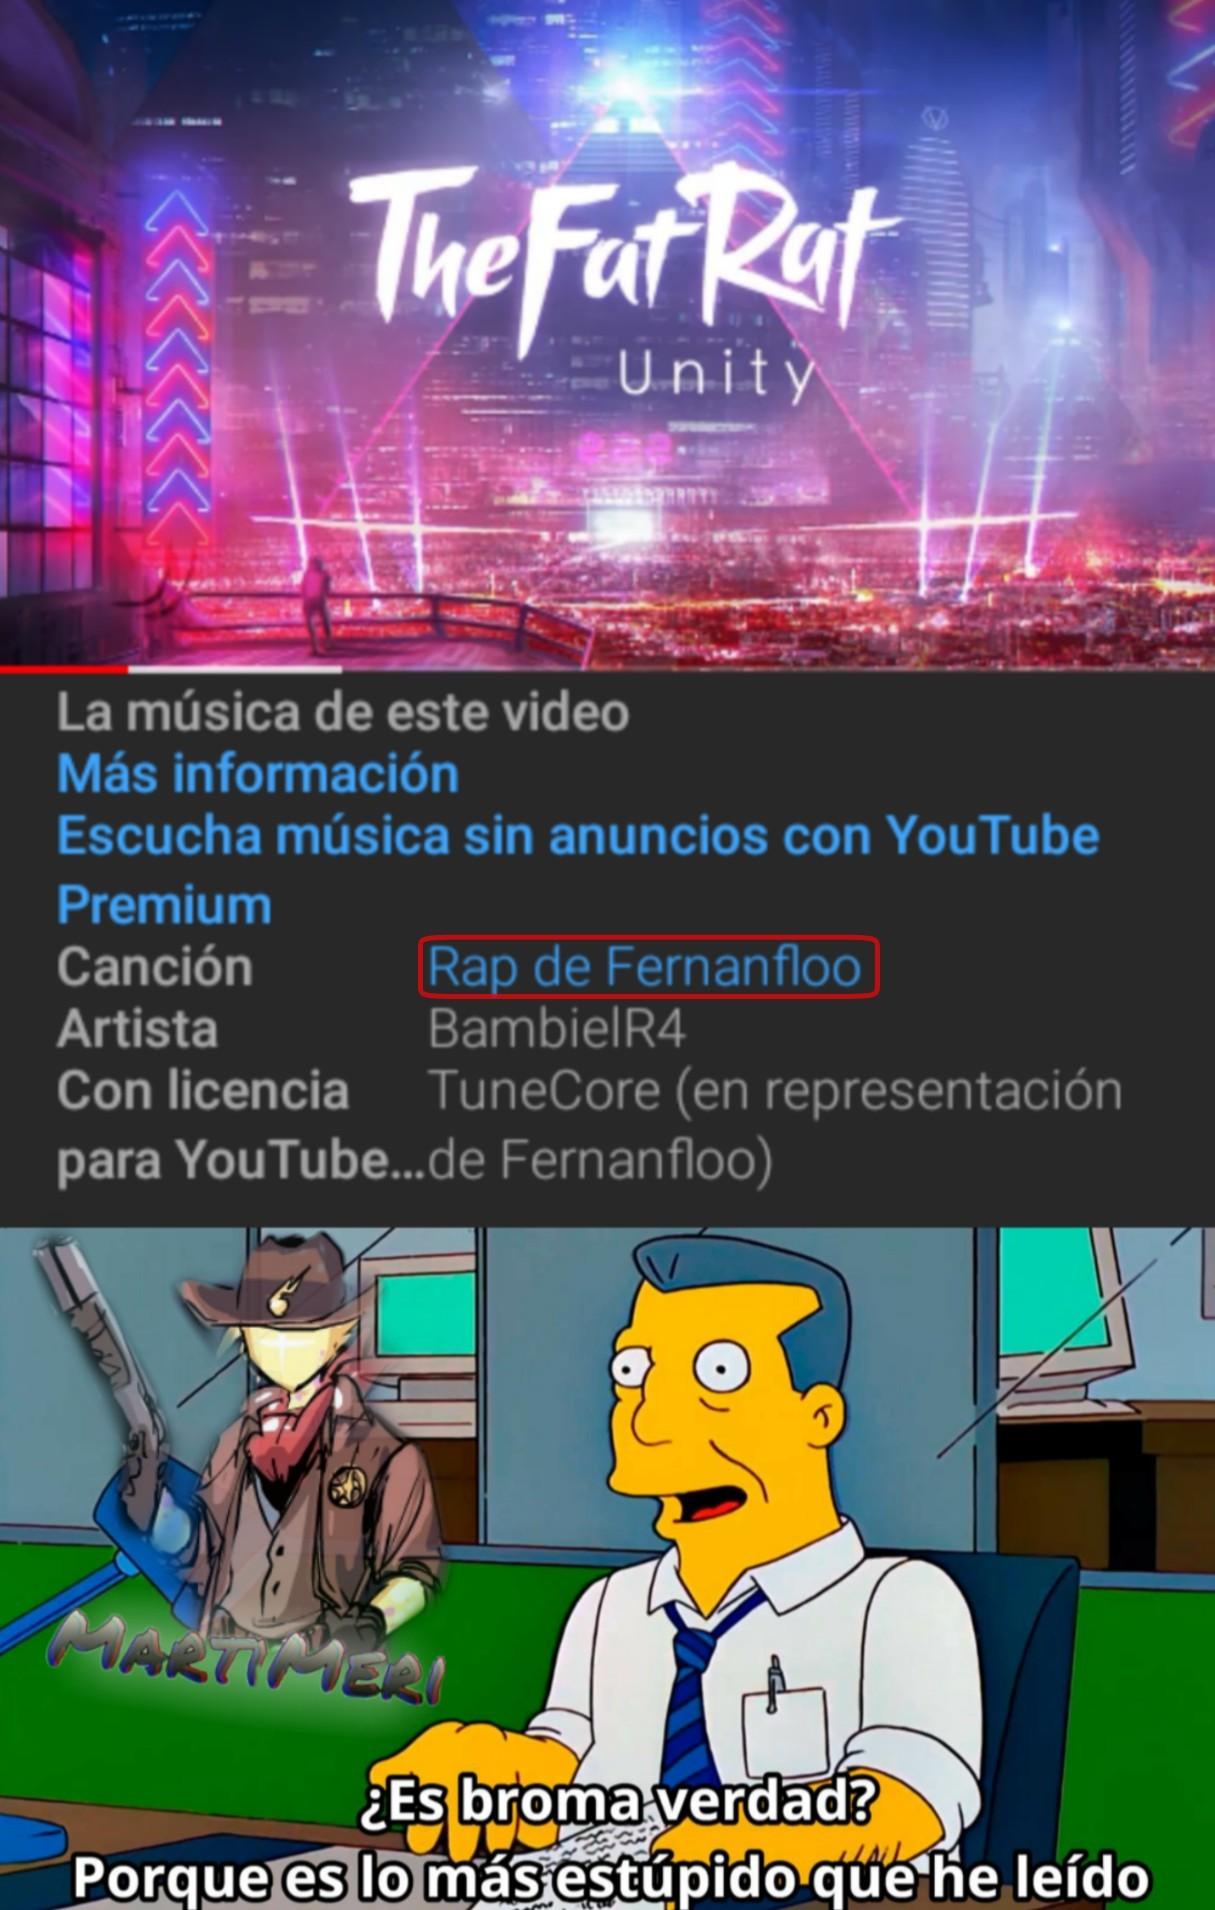 """Como dijo el waton de la bolsa: """"Youtube funciona pal pico"""" - meme"""